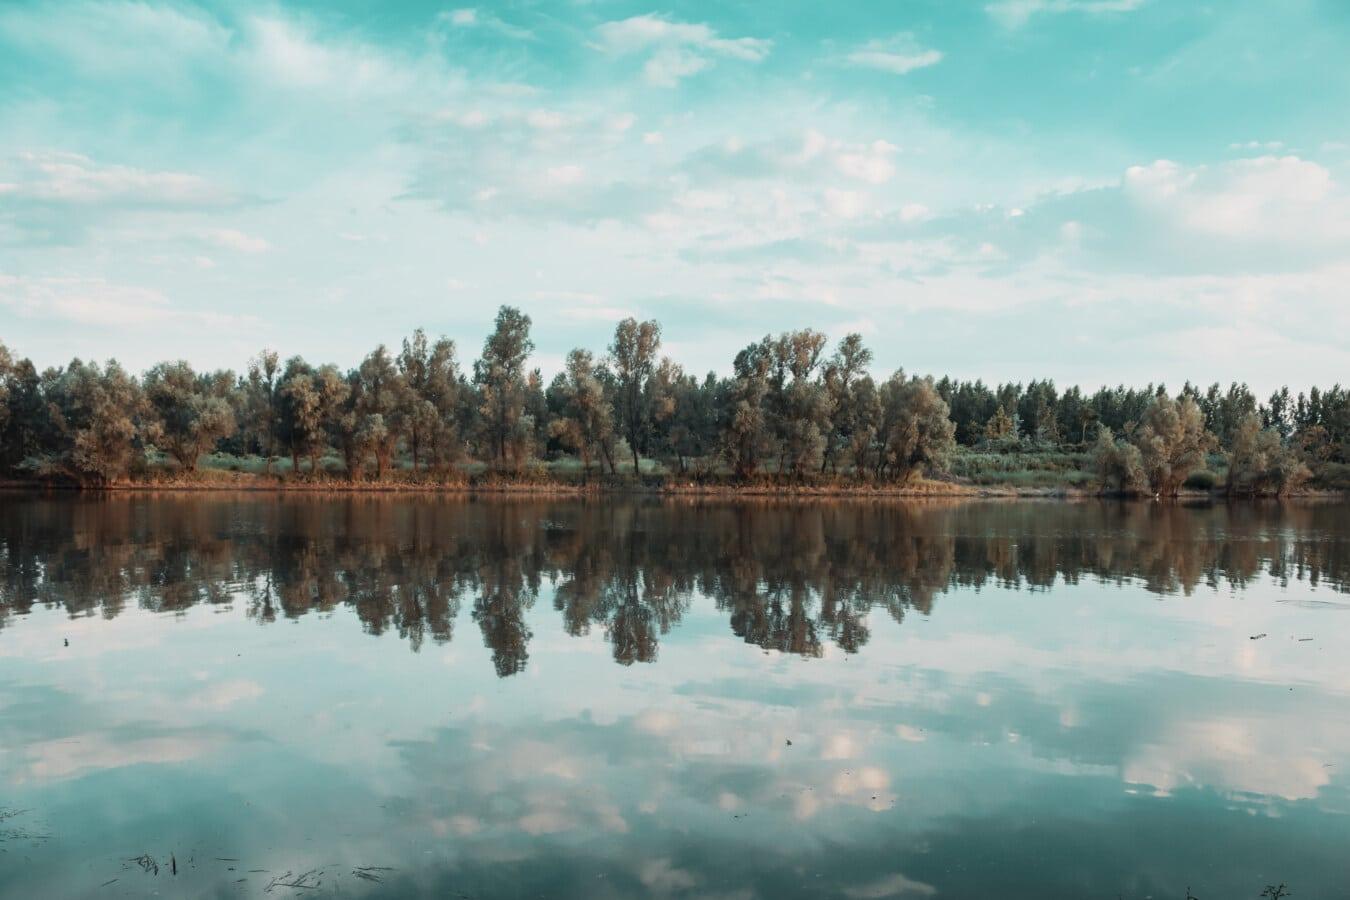 au bord du lac, placide, côte, réflexion, ciel bleu, nuages, rive, forêt, Lac, eau